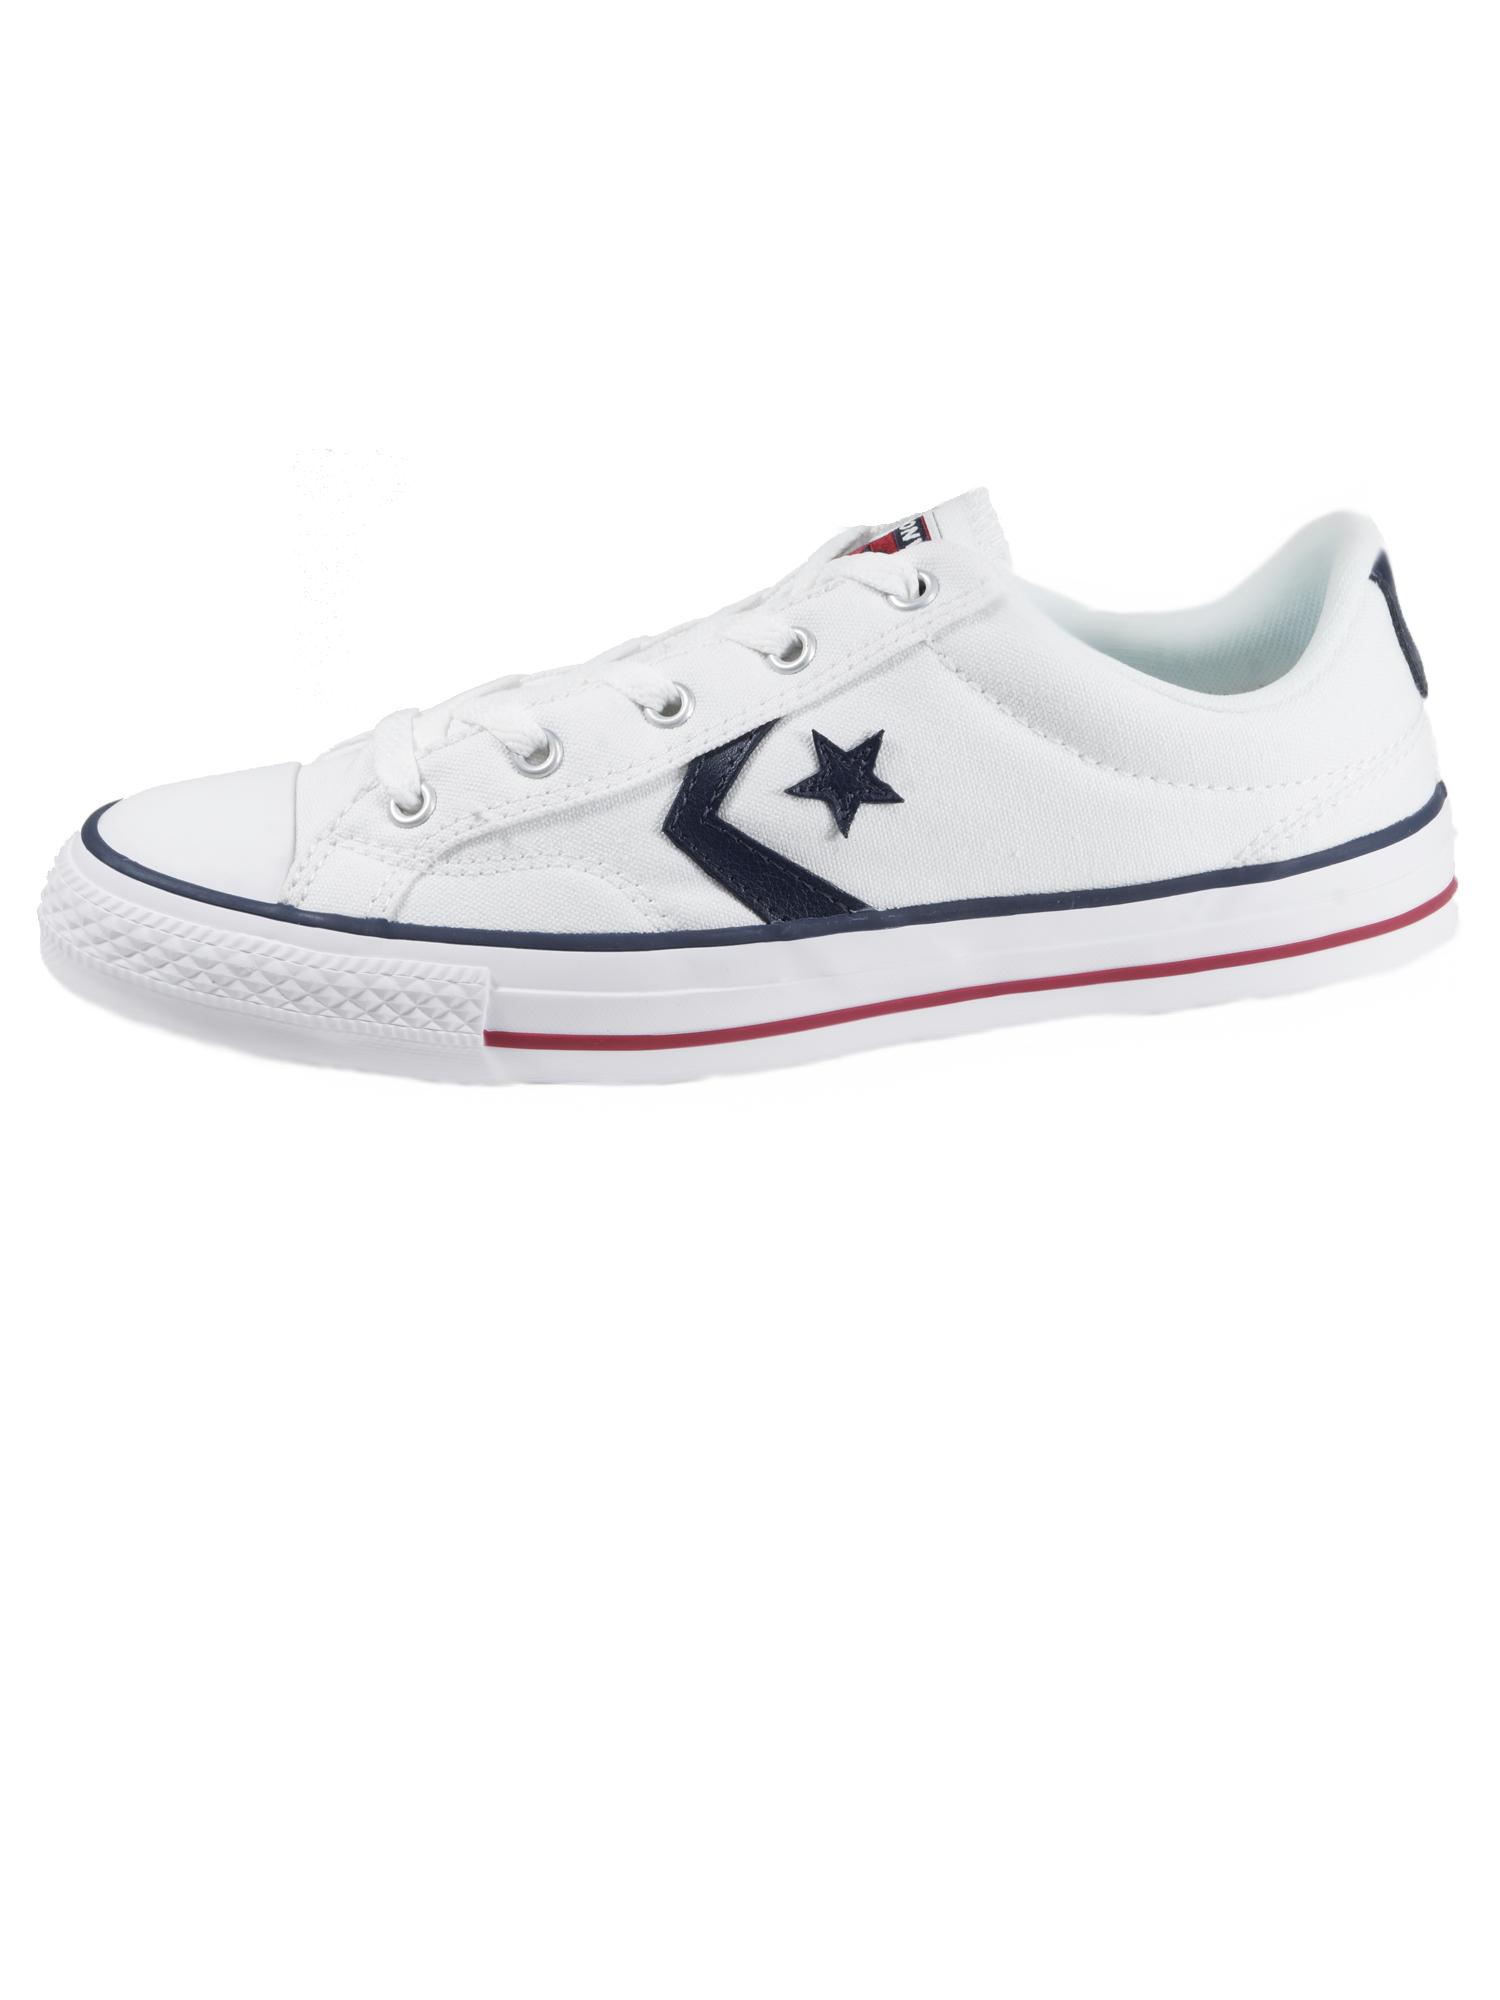 Converse Herren Schuhe Star Player Ox Weiß Leinen Sneakers Gr. 44, 5